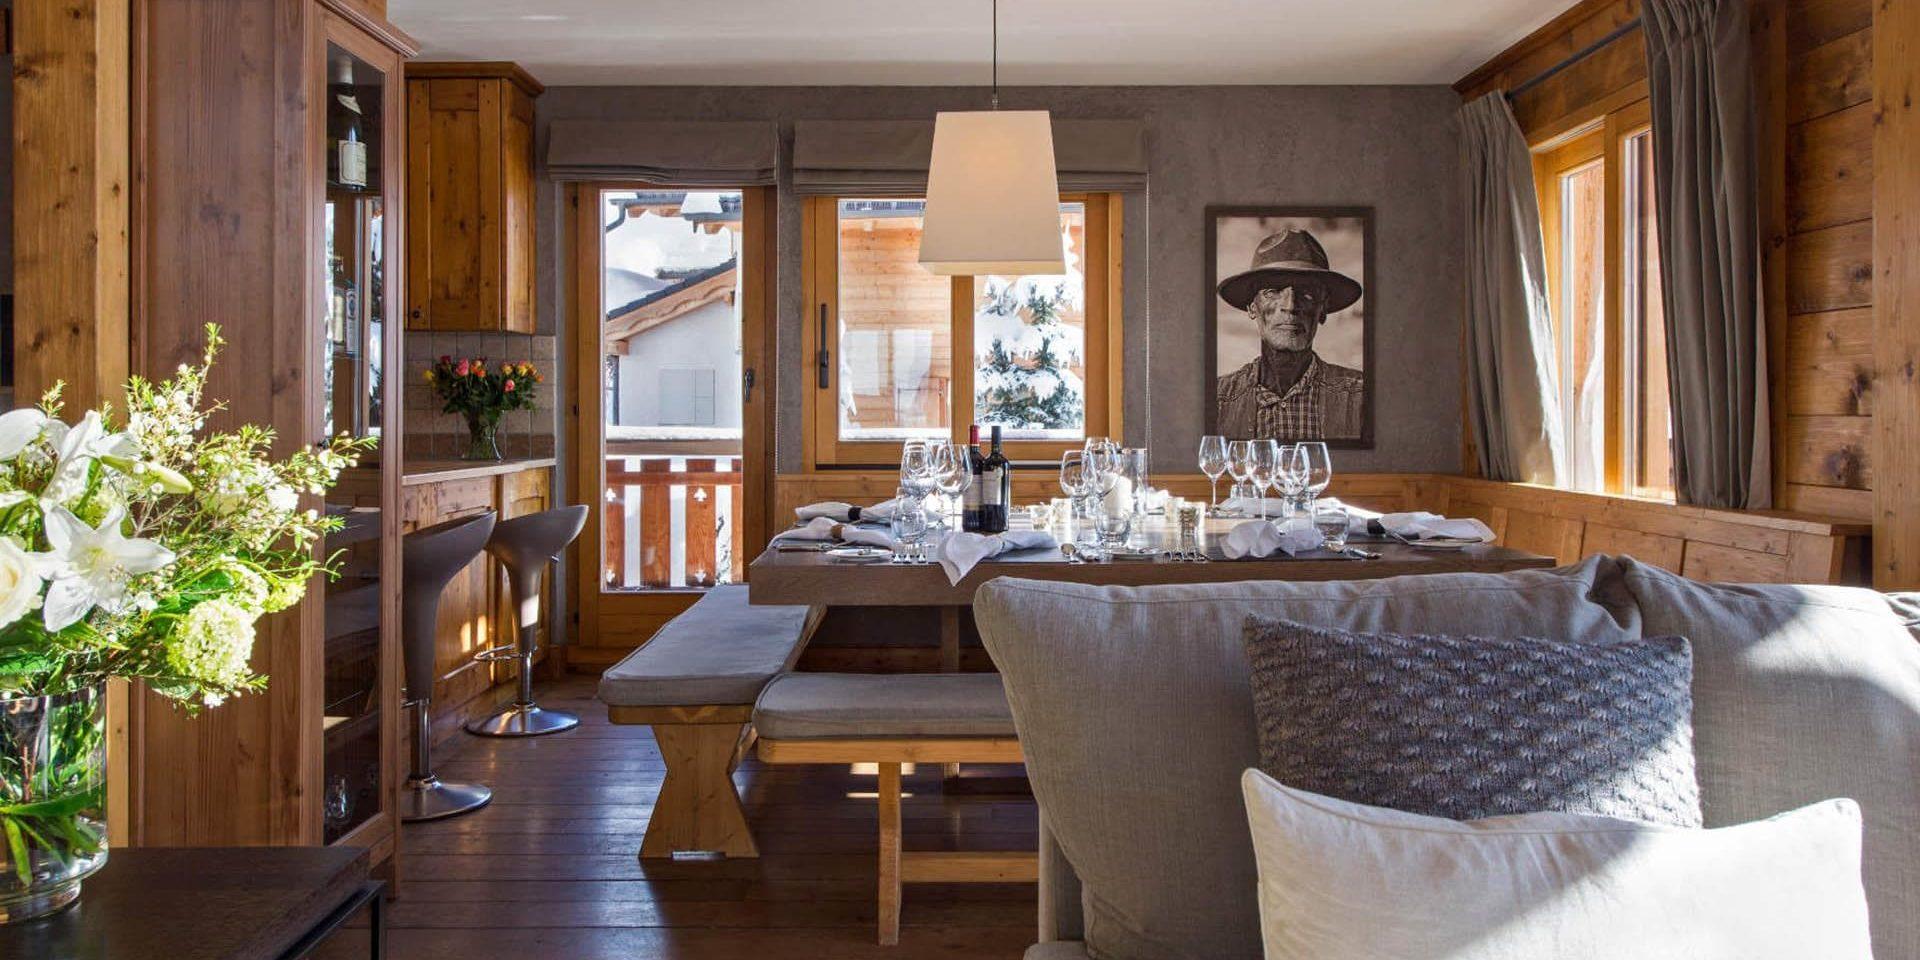 Chalet Pierre Avoi Verbier Les 4 Vallees Zwitserland wintersport skivakantie luxe eetkamer gedekte tafel wijn wijnglazen schilderij bloemen bank barkrukken lamp balkon kussens